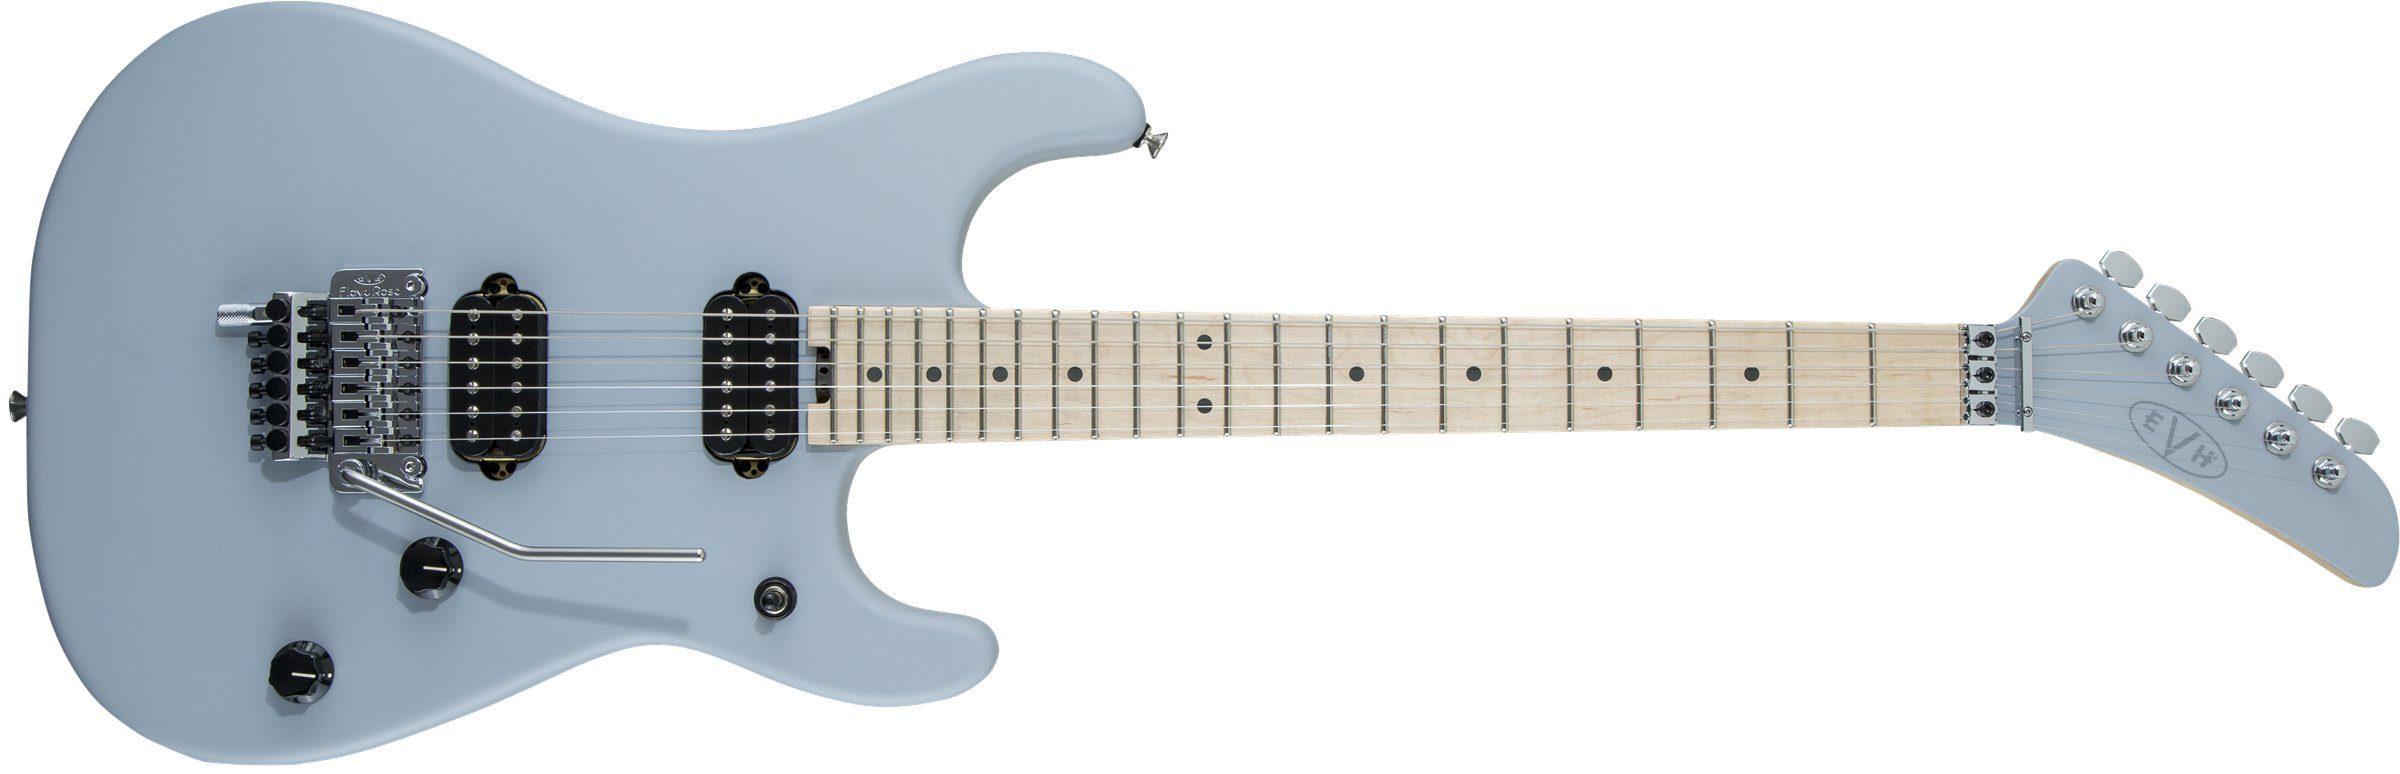 EVH-5150-Satin-Primer-Gray-